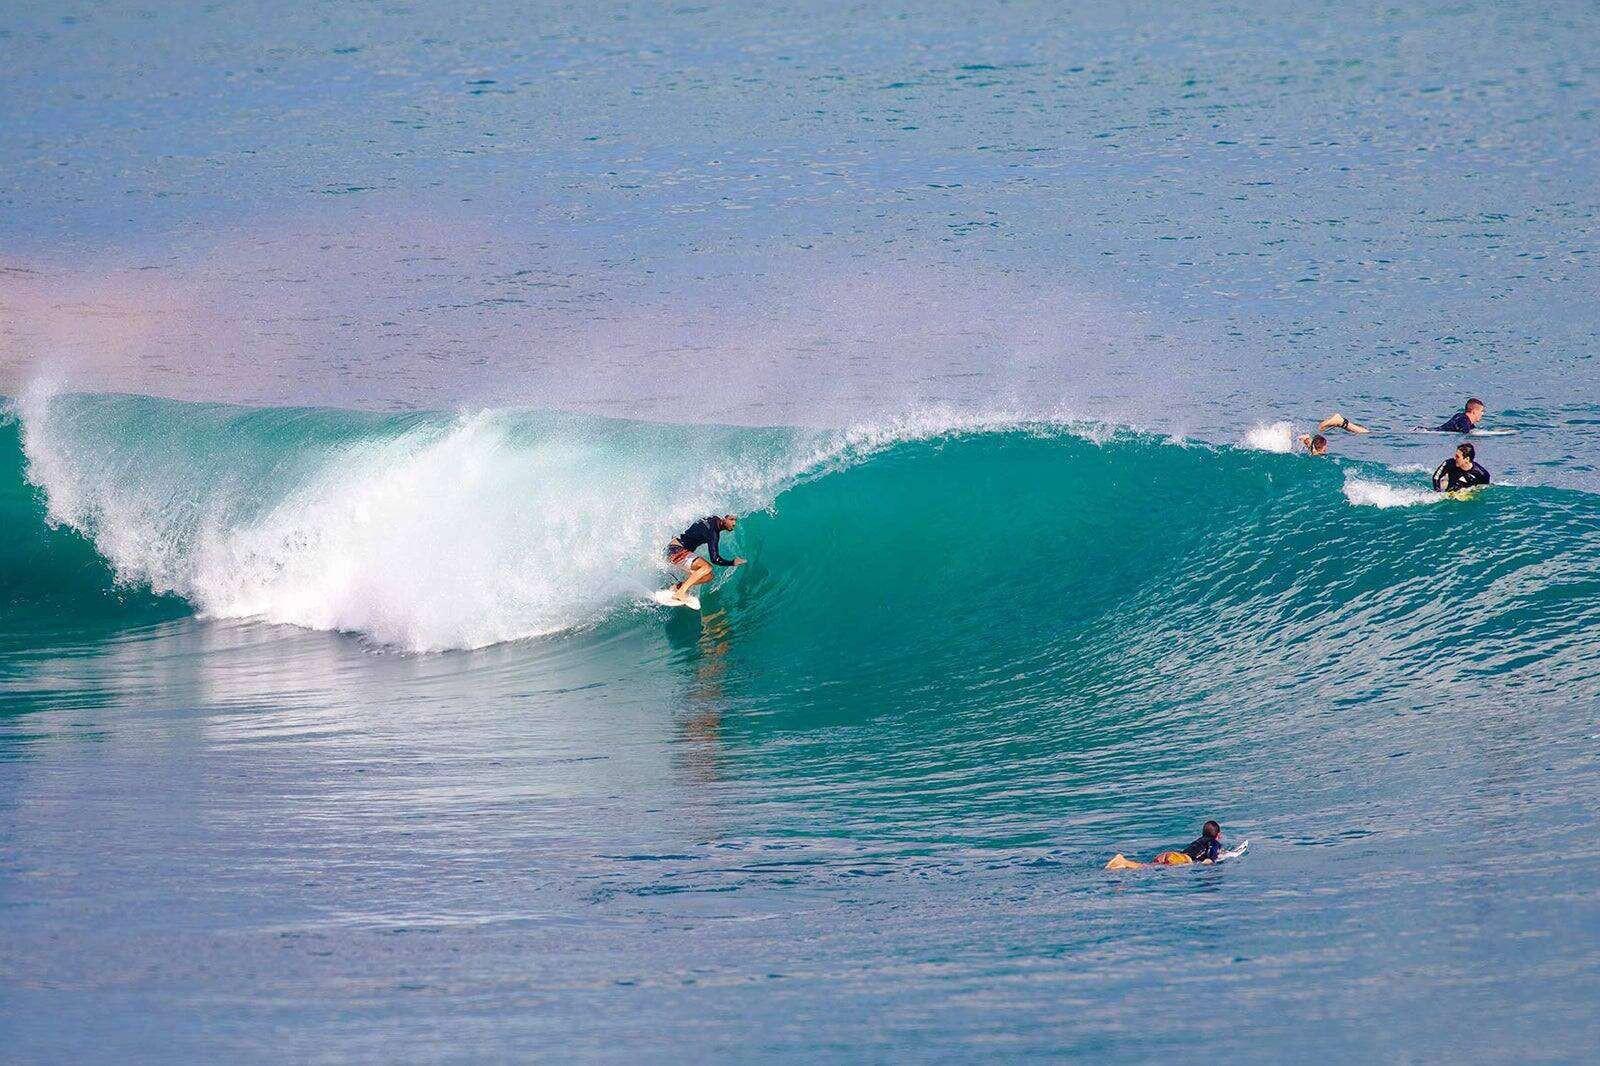 Điều gì khiến Bali trở thành hòn đảo nghỉ dưỡng hàng đầu Đông Nam Á? - Ảnh 2.